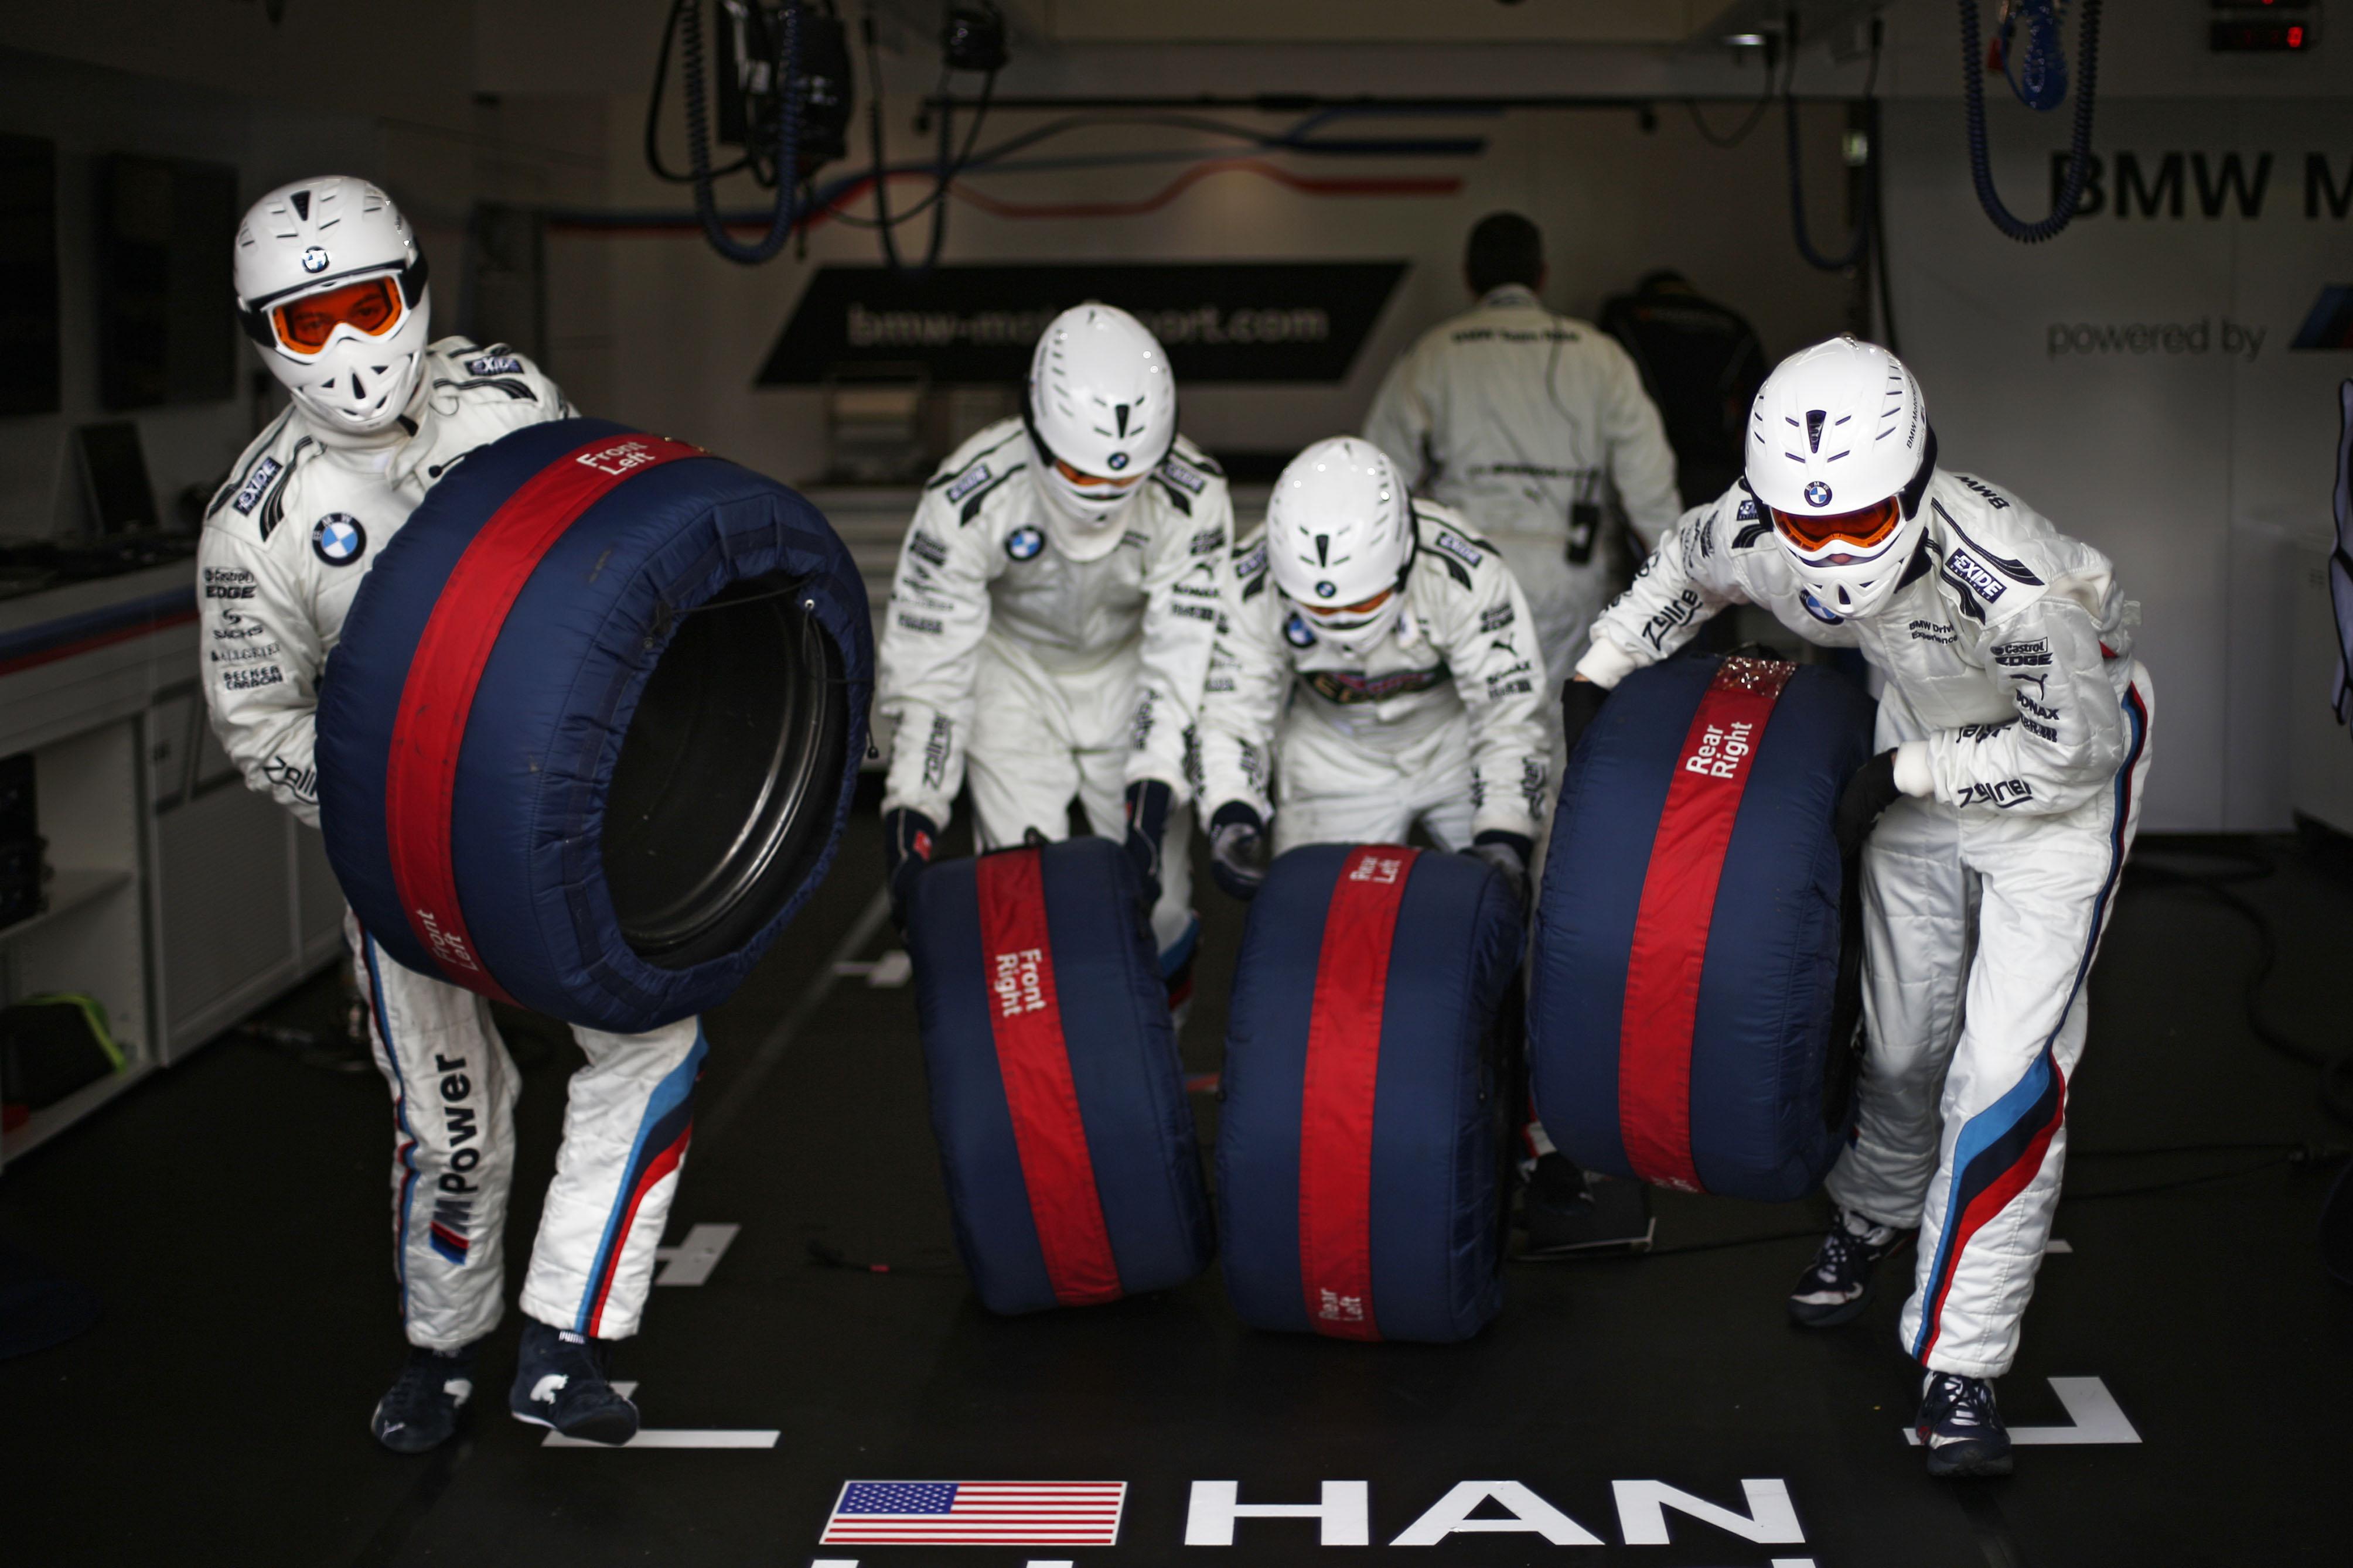 Hankooka (še) ne bo v F1